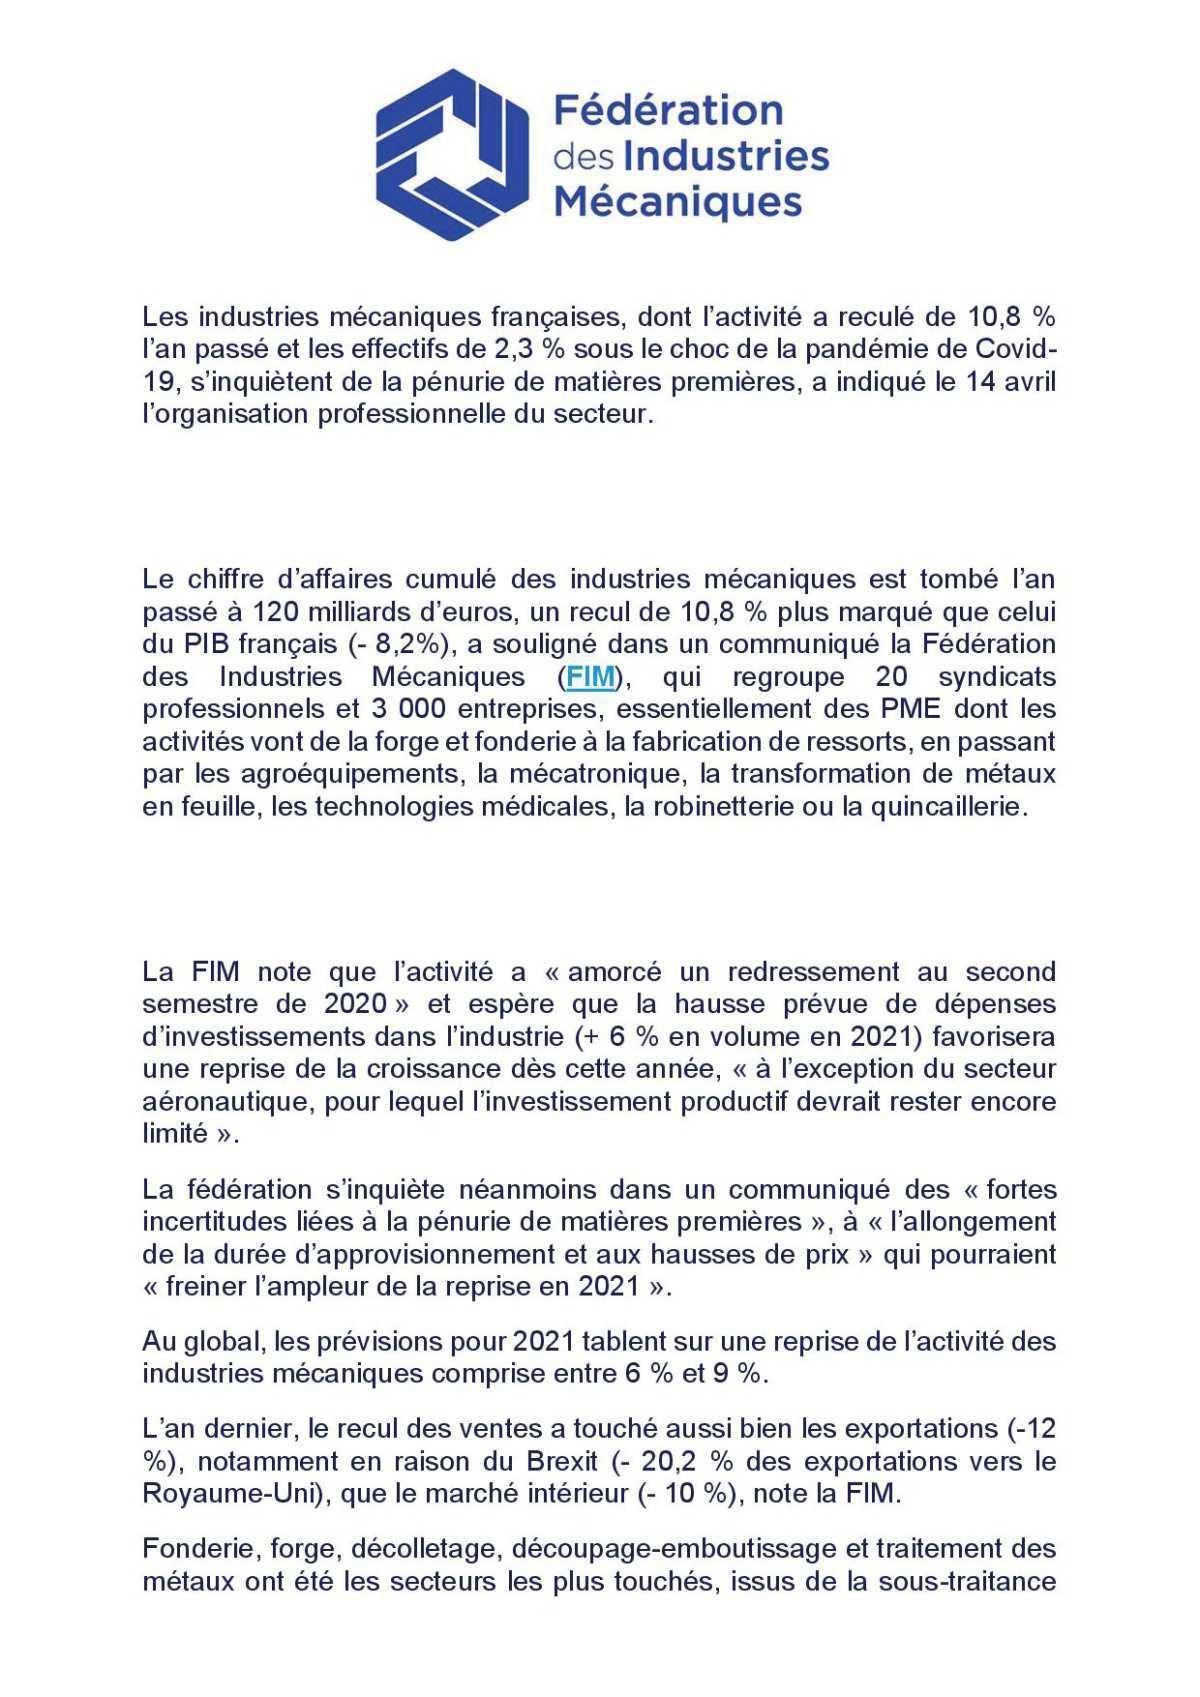 Recul des industries mécaniques en France.